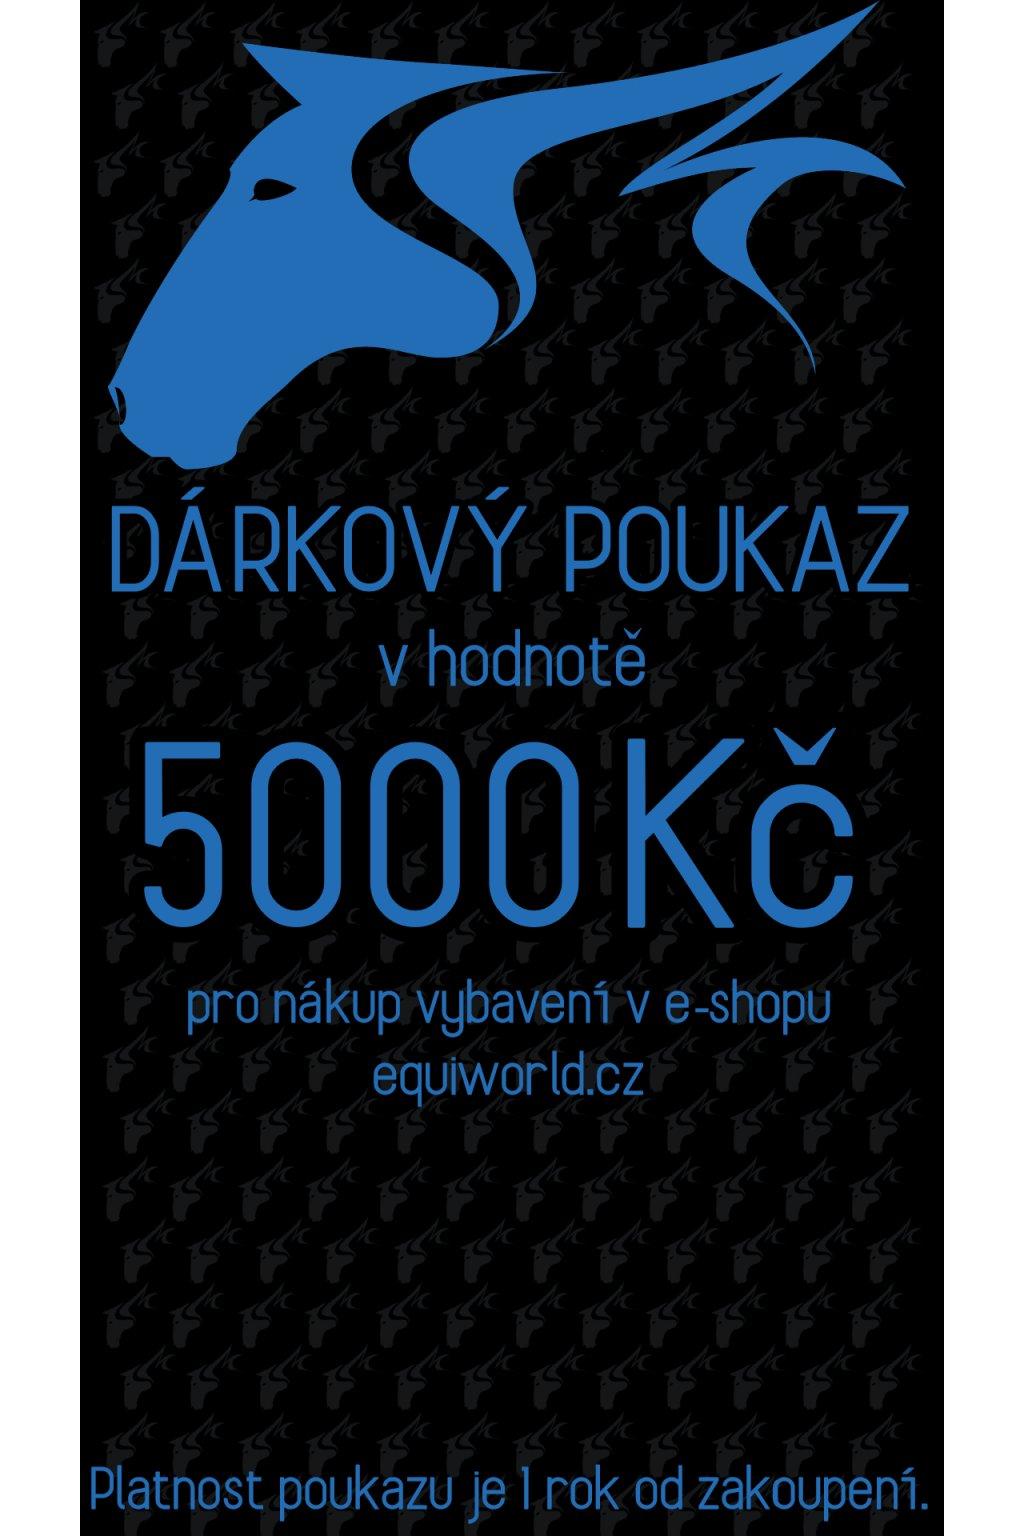 poukaz5000